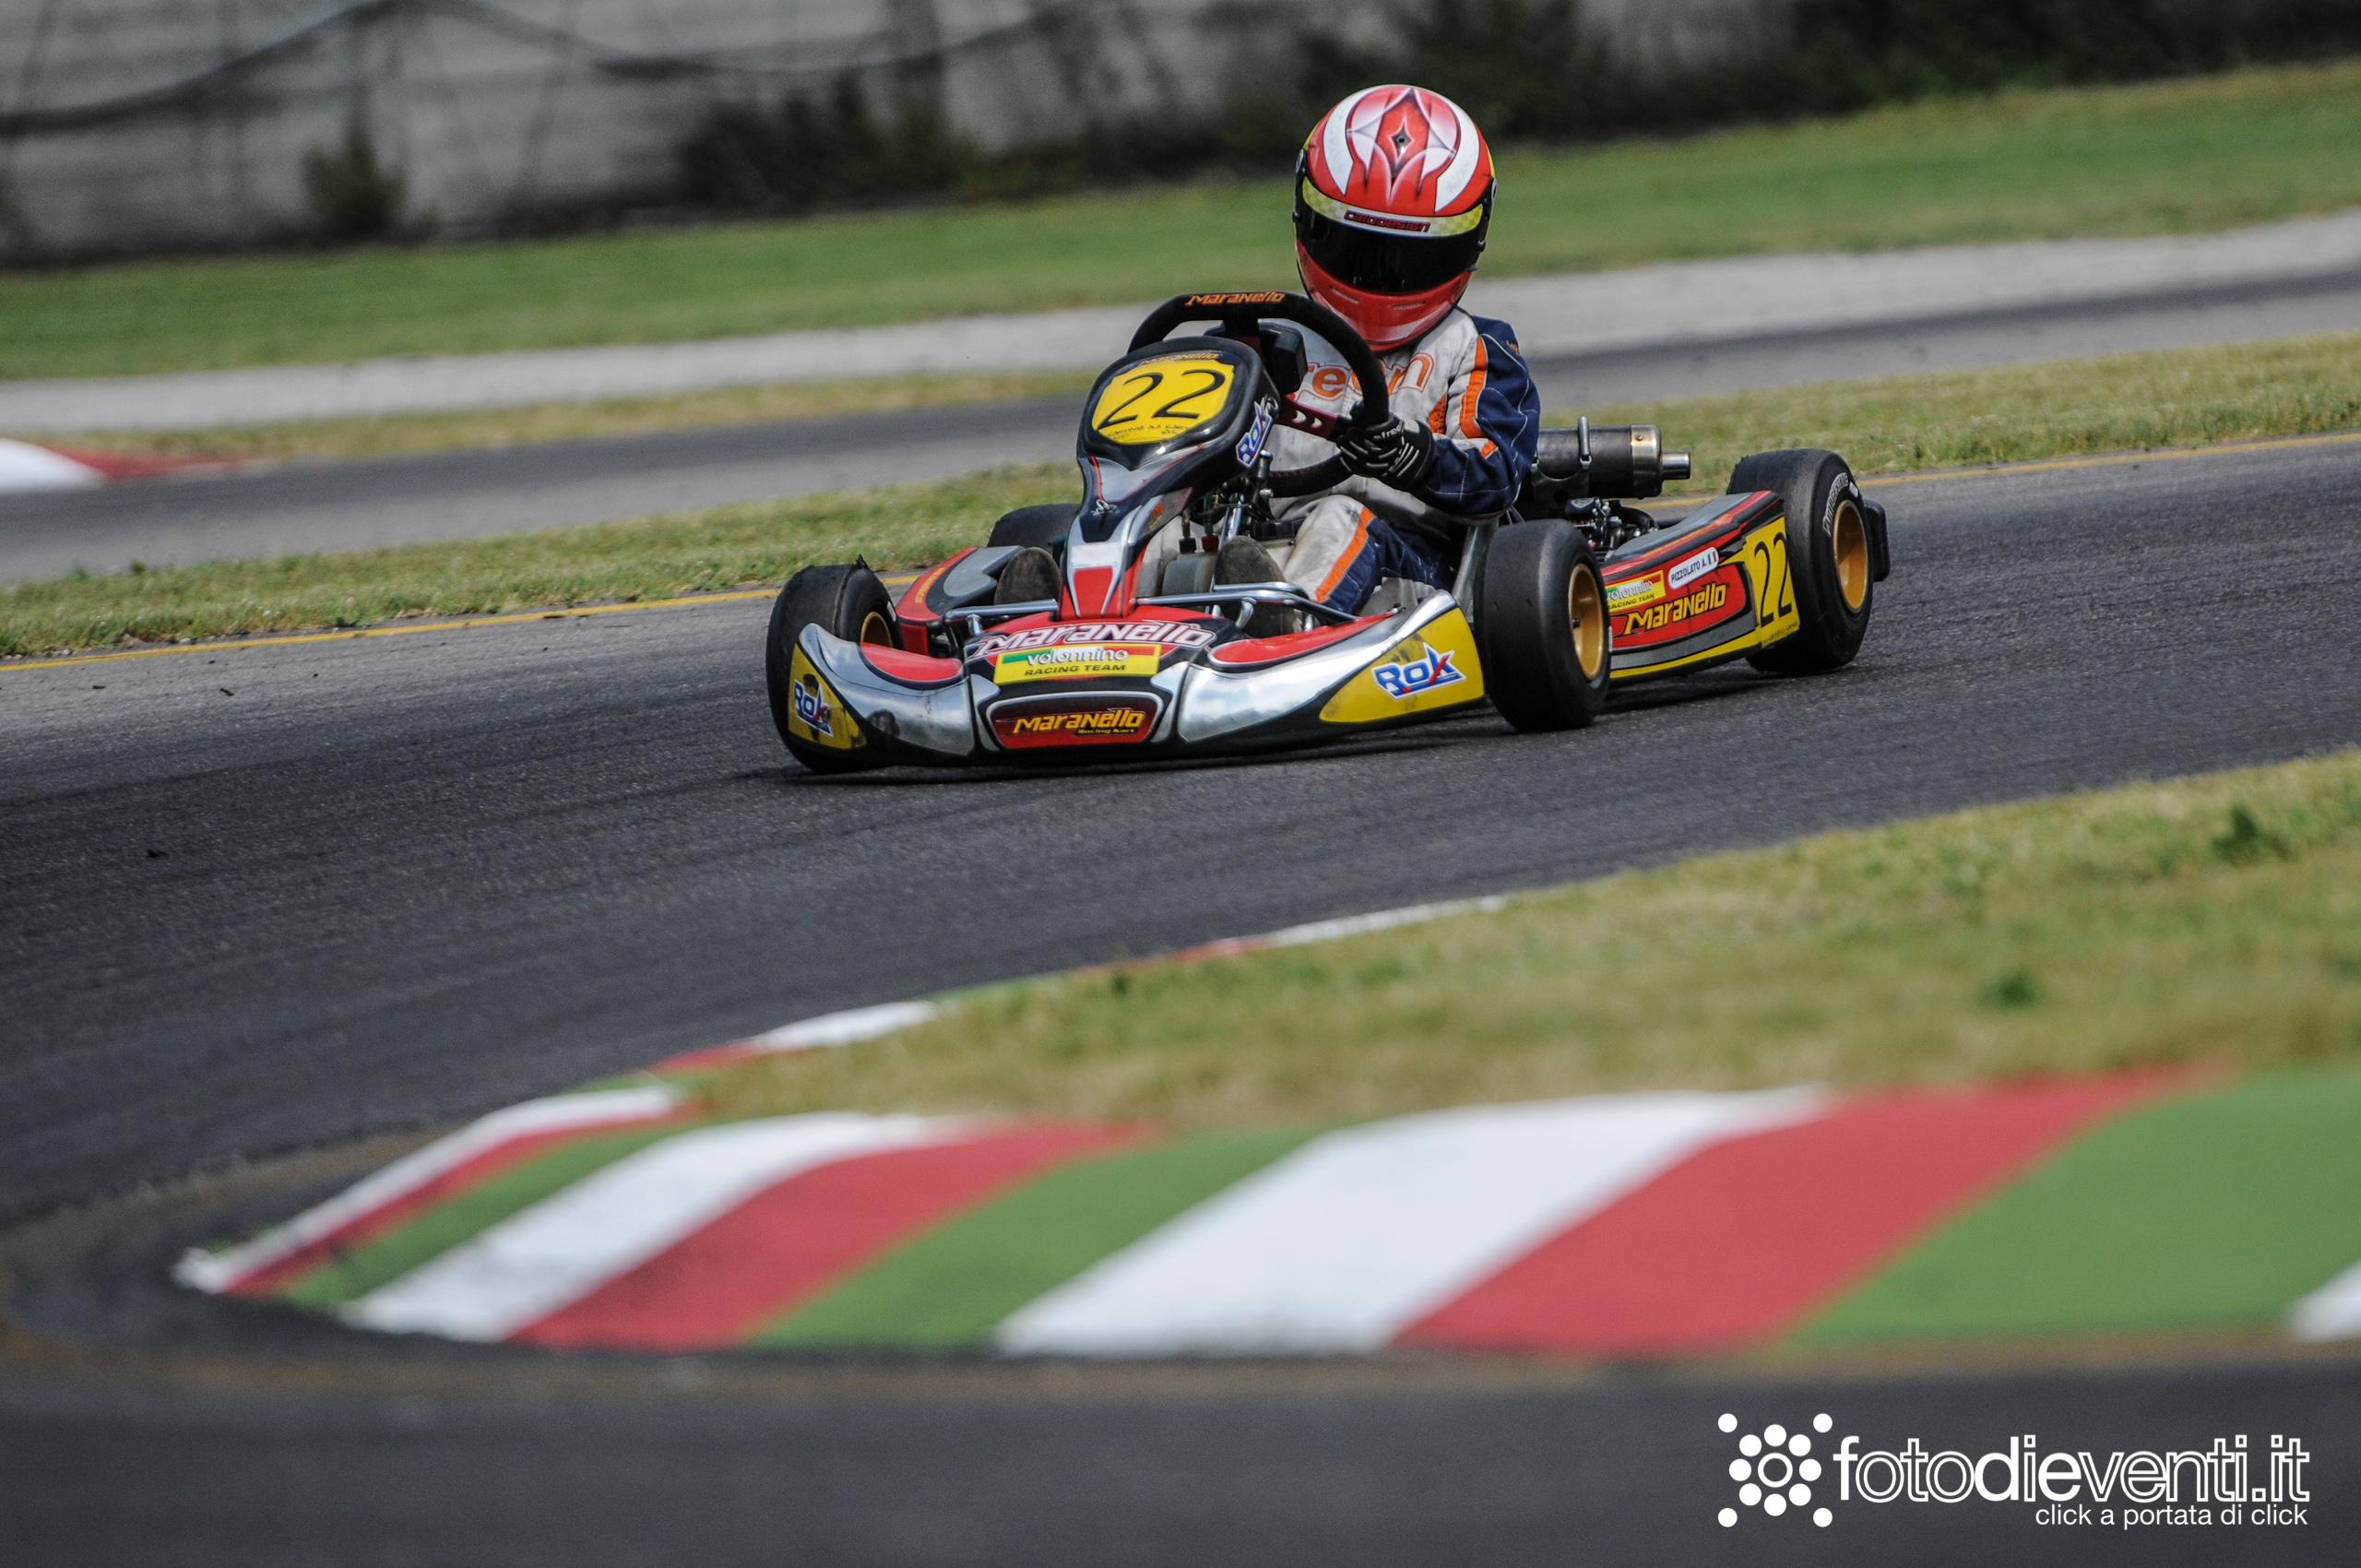 Trofeo F.I.R. – Campionato ROK 2012